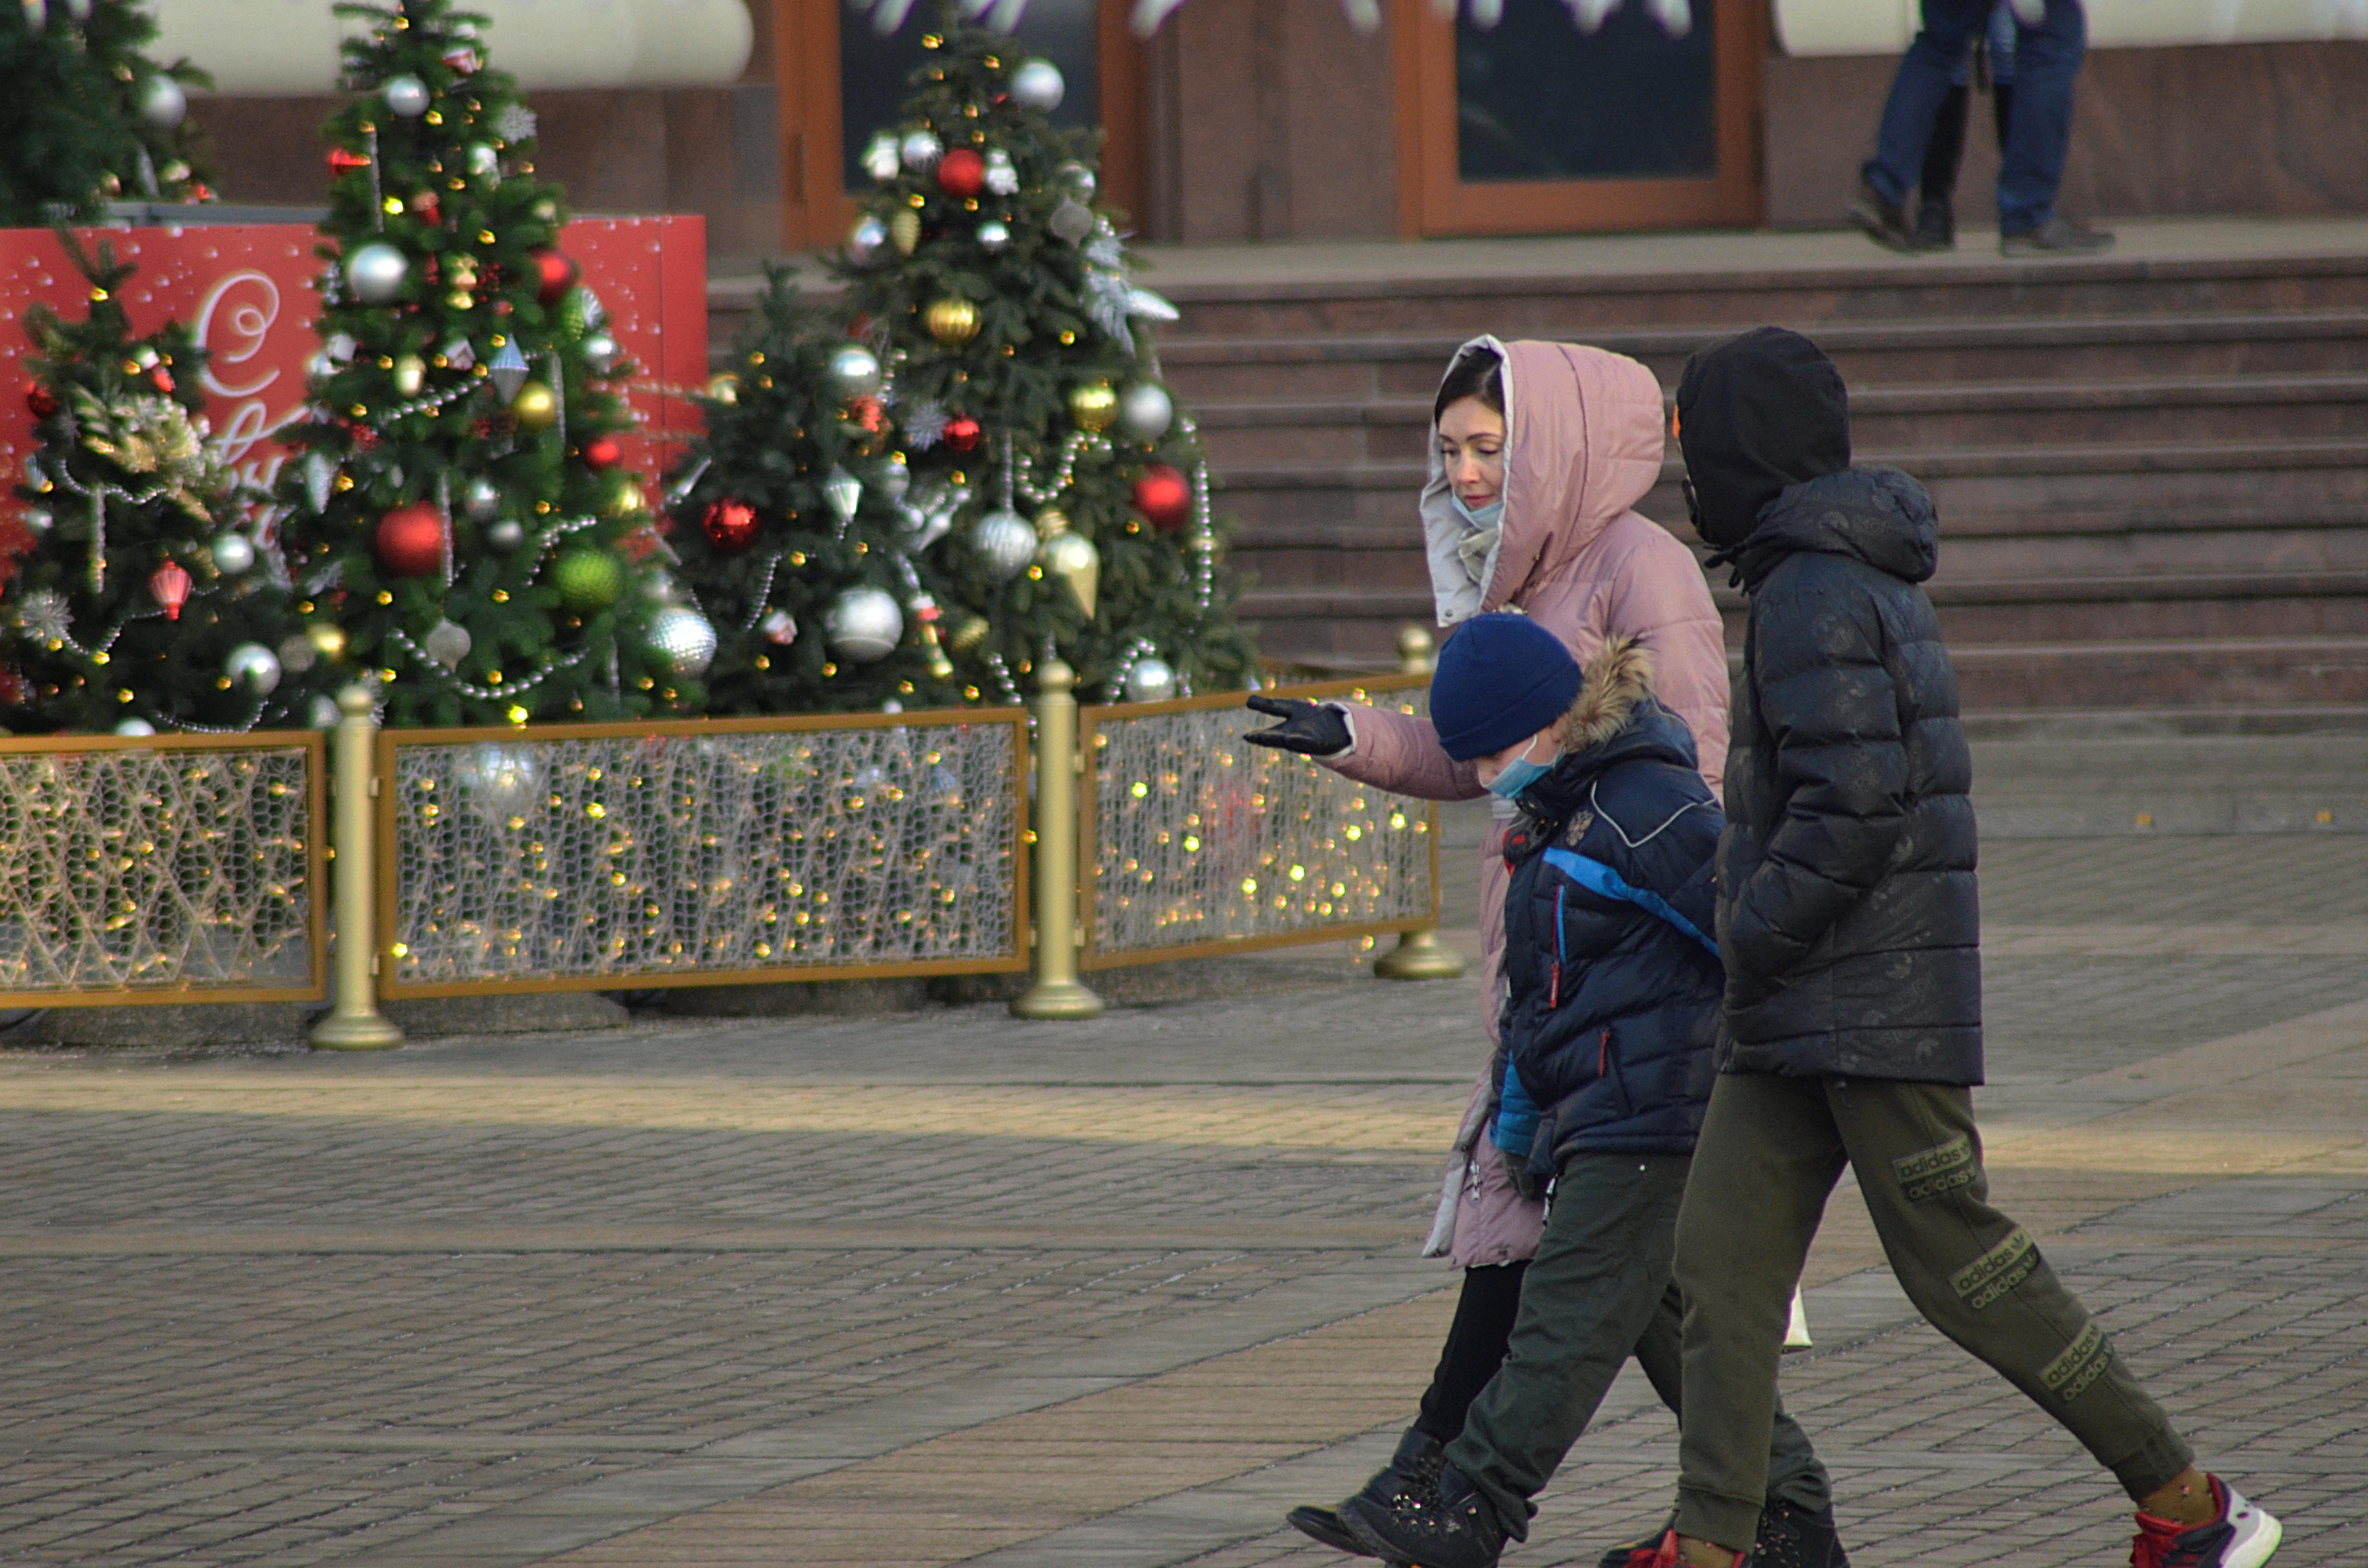 Жителей Москвы предупредили об облачной погоде в субботу